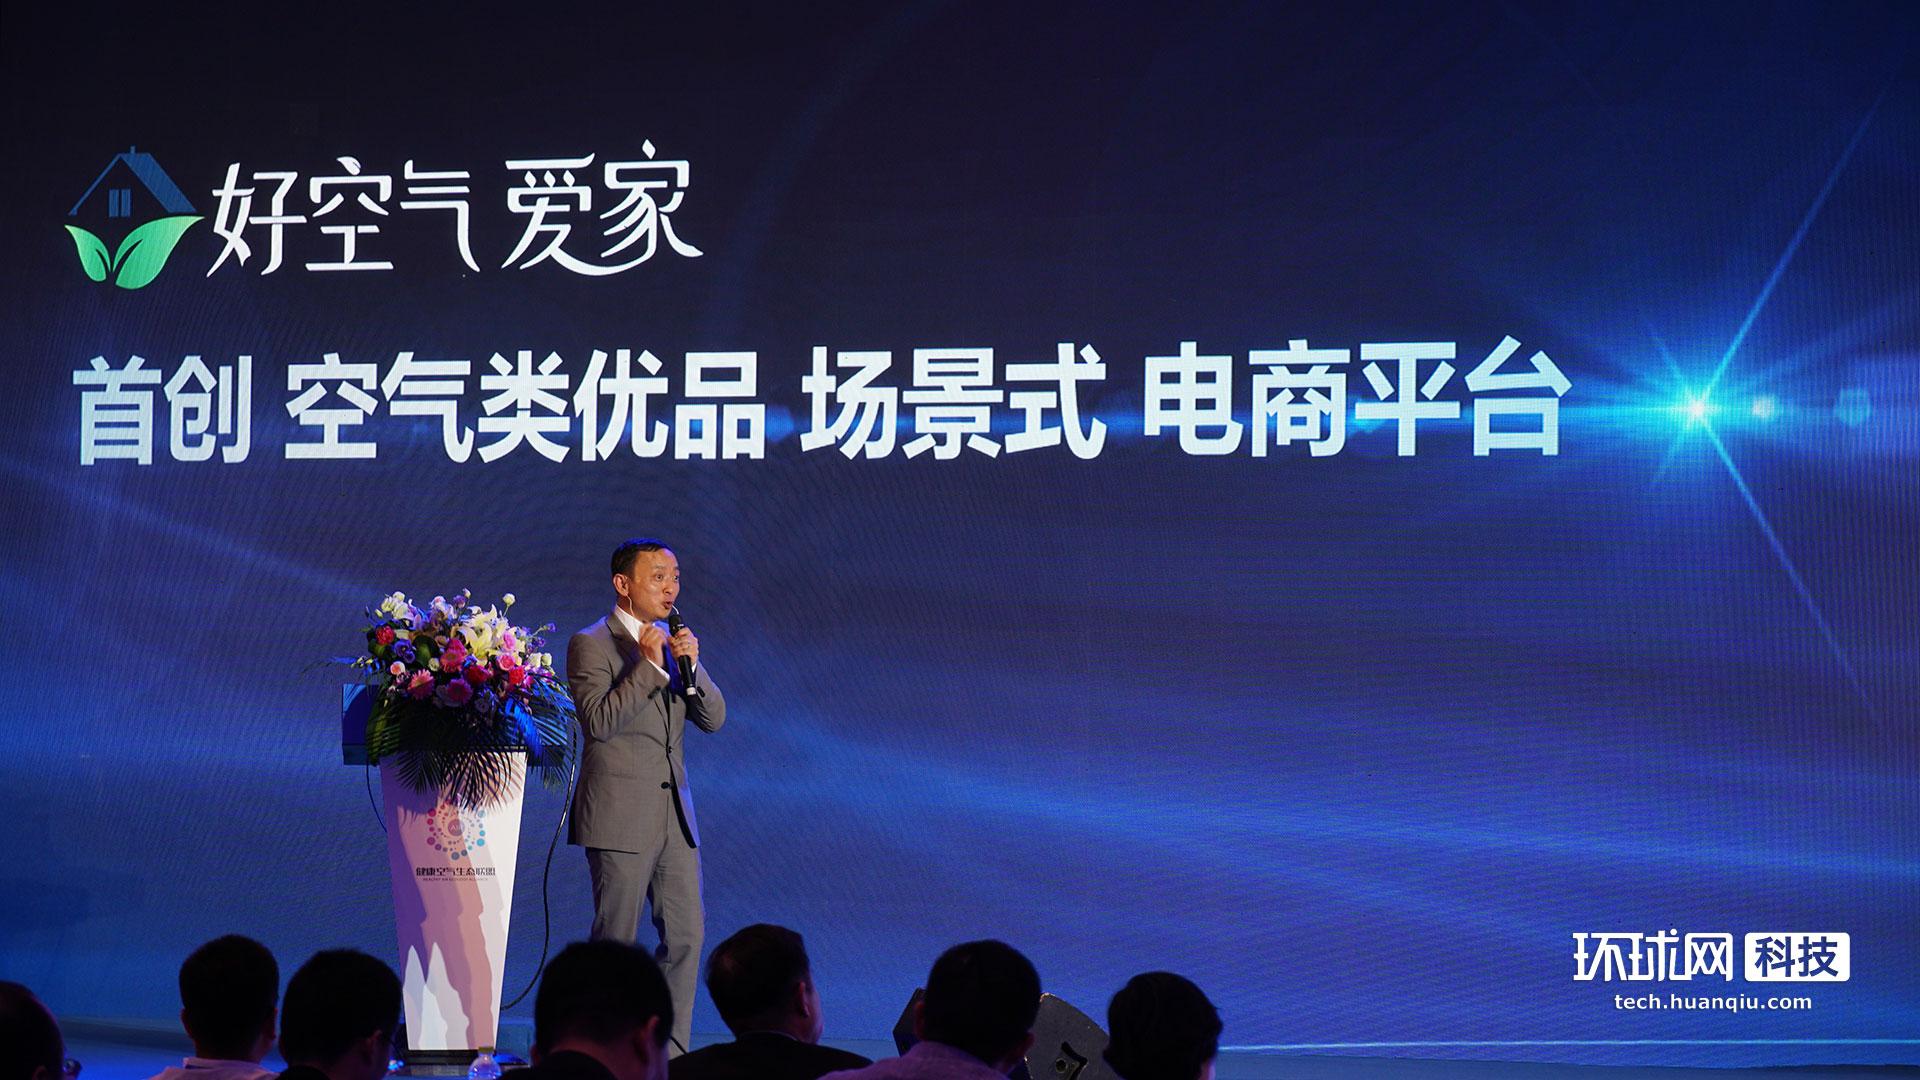 """海尔推出国内首家空气类优品场景式电商平台""""好空气·爱家"""""""